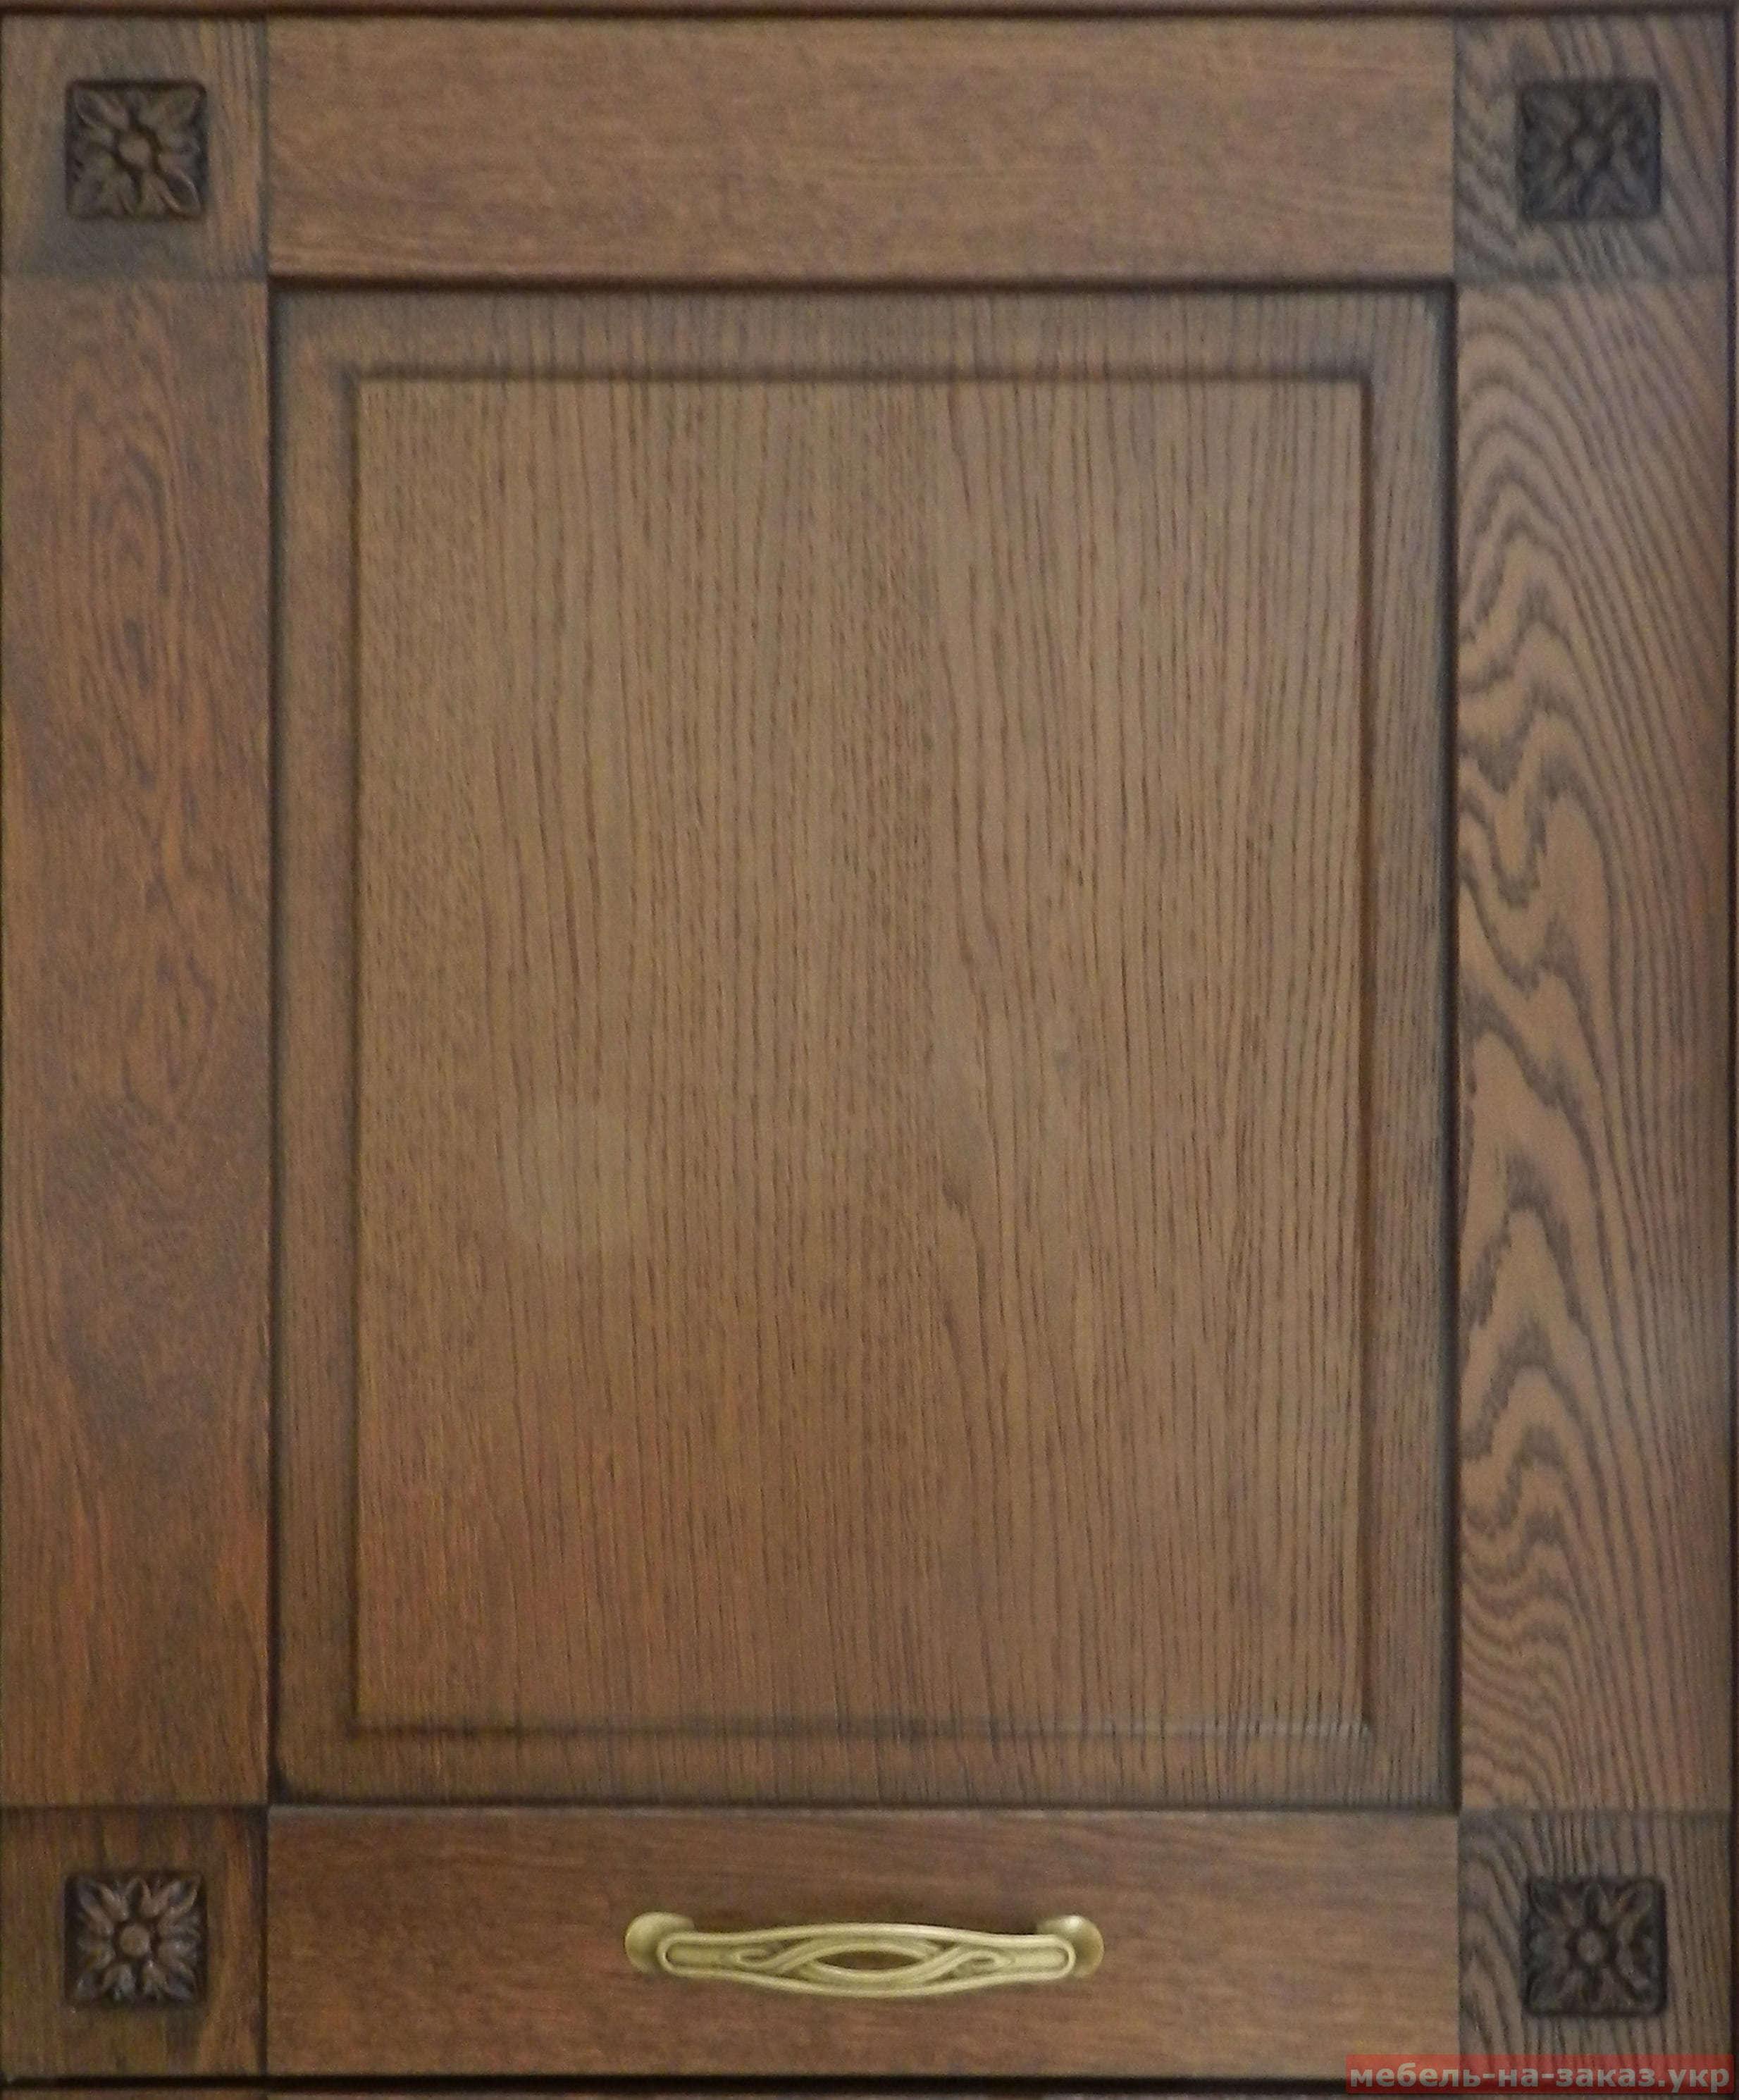 изготовление деревянных мебельных фасадов в Киеве